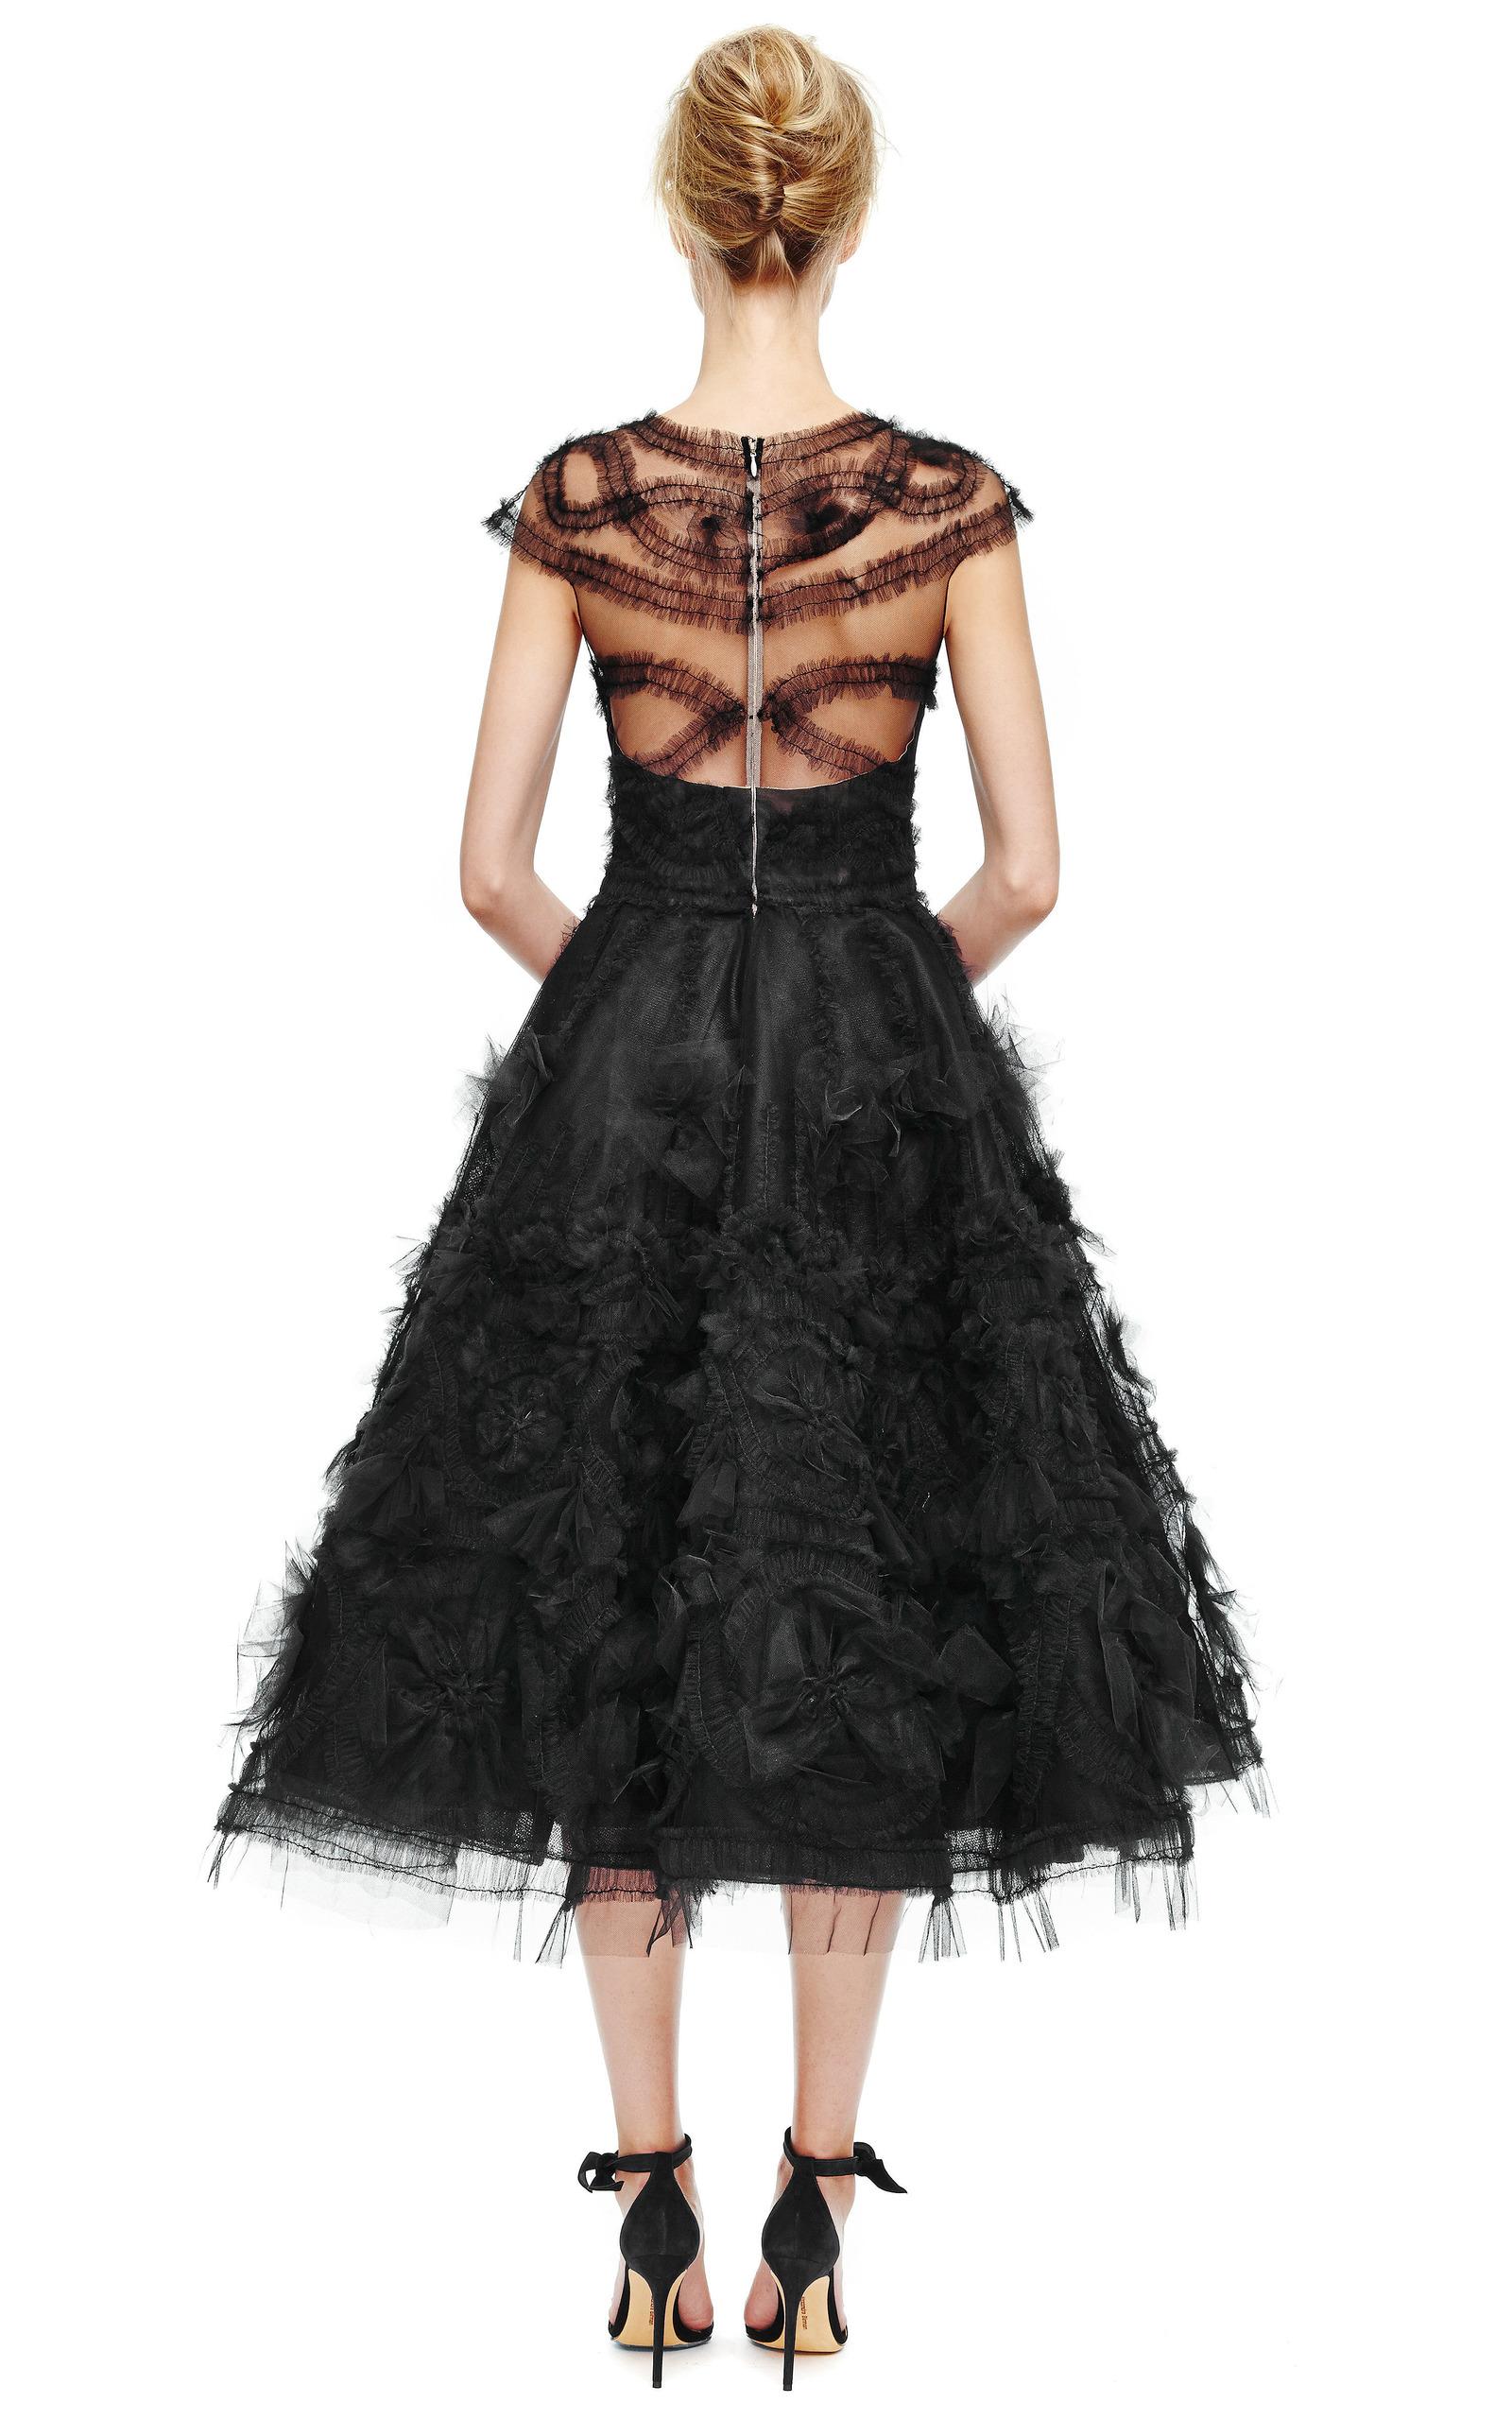 Full Skirt Cocktail Dresses 16